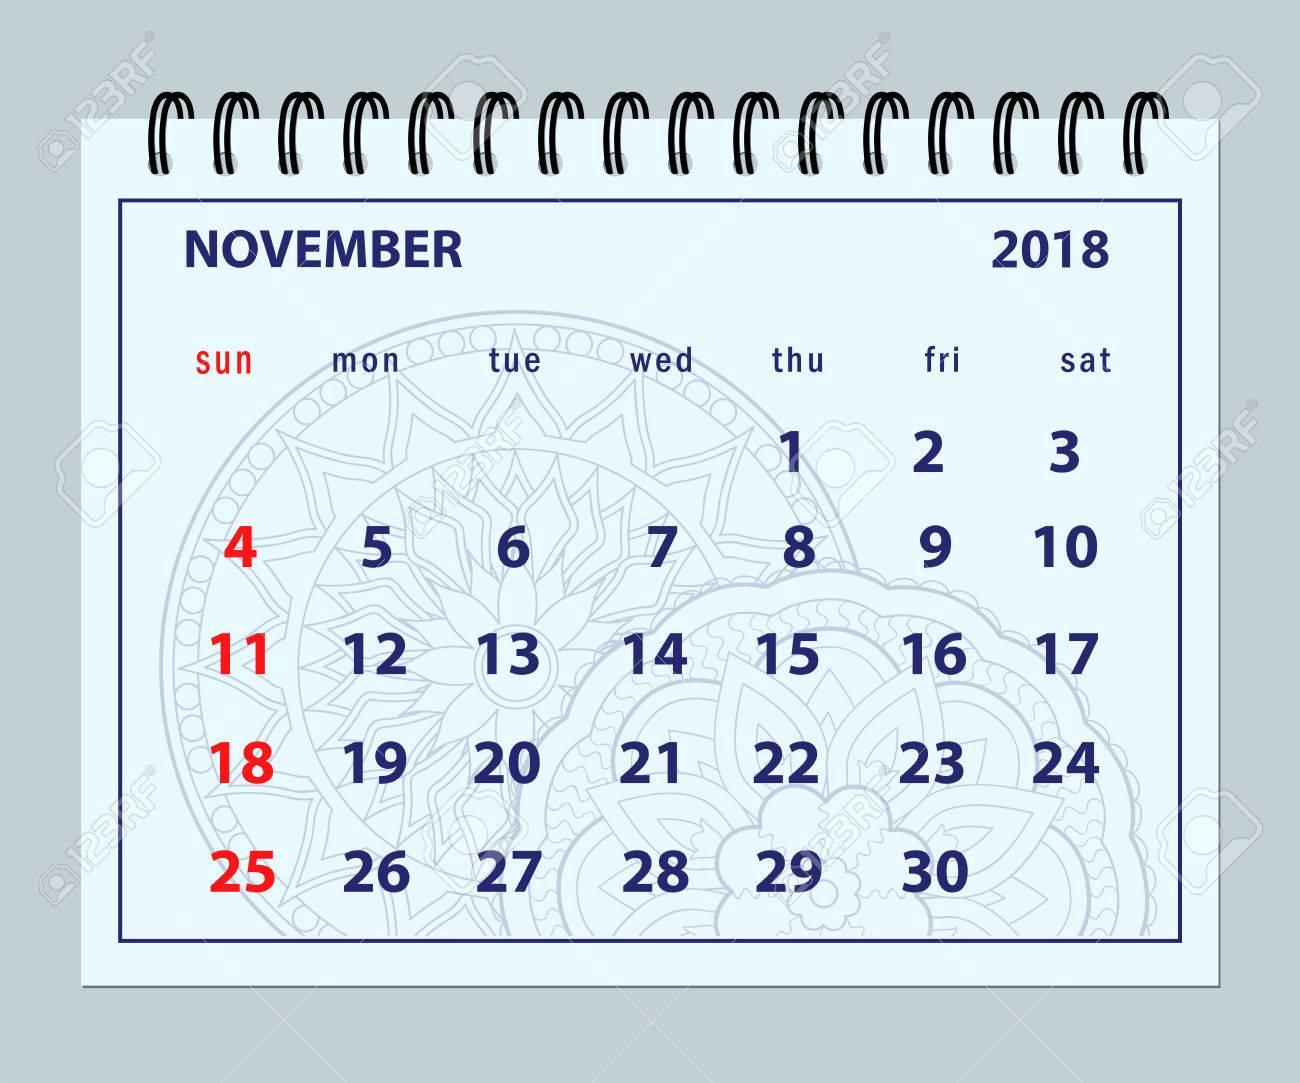 Monthly Calendar November Year 2018 On Mandala Background. Layout ...